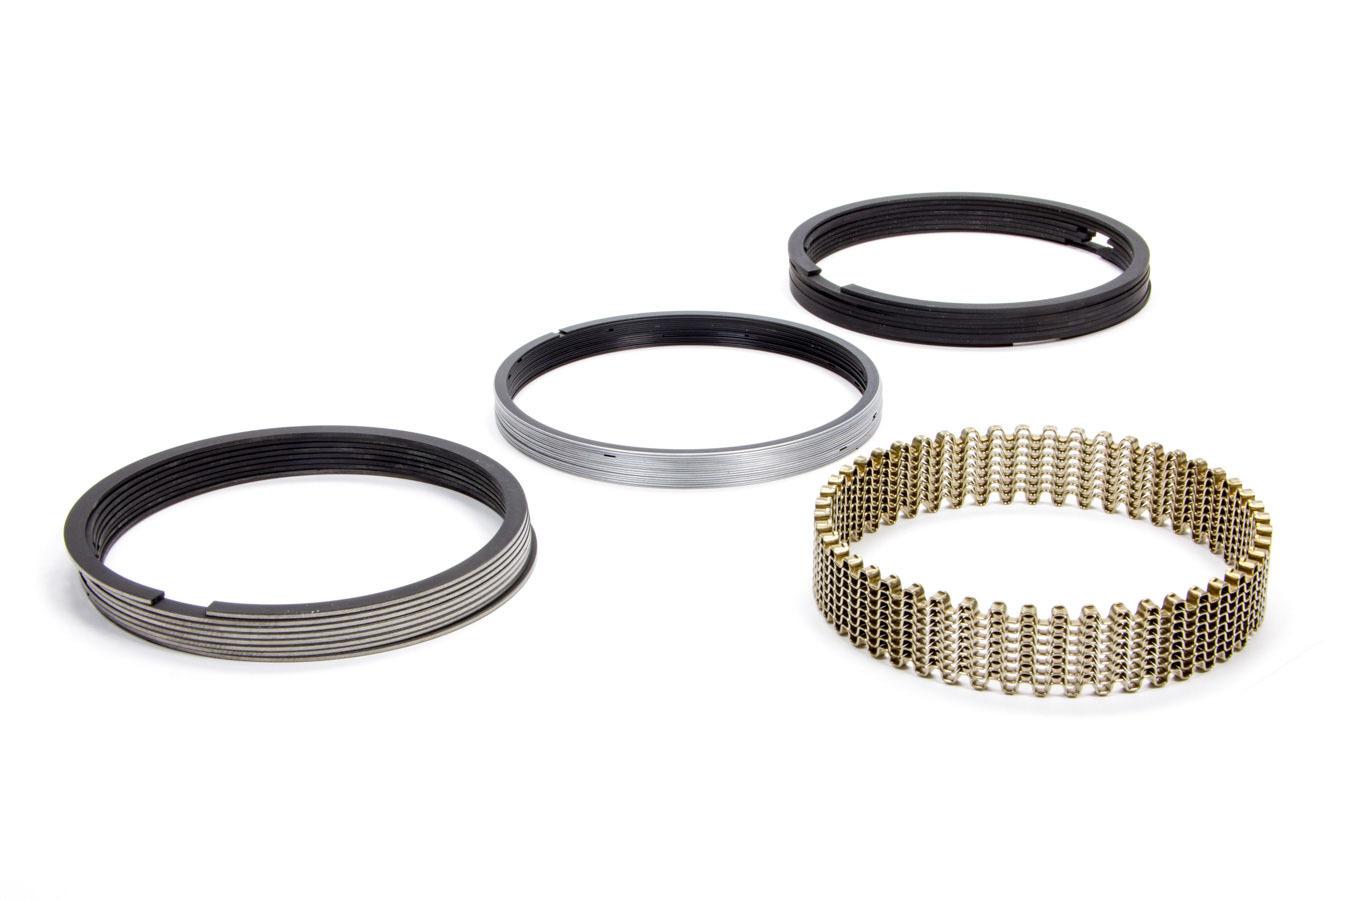 Piston Ring Set 4.310 1/16 1/16 3/16